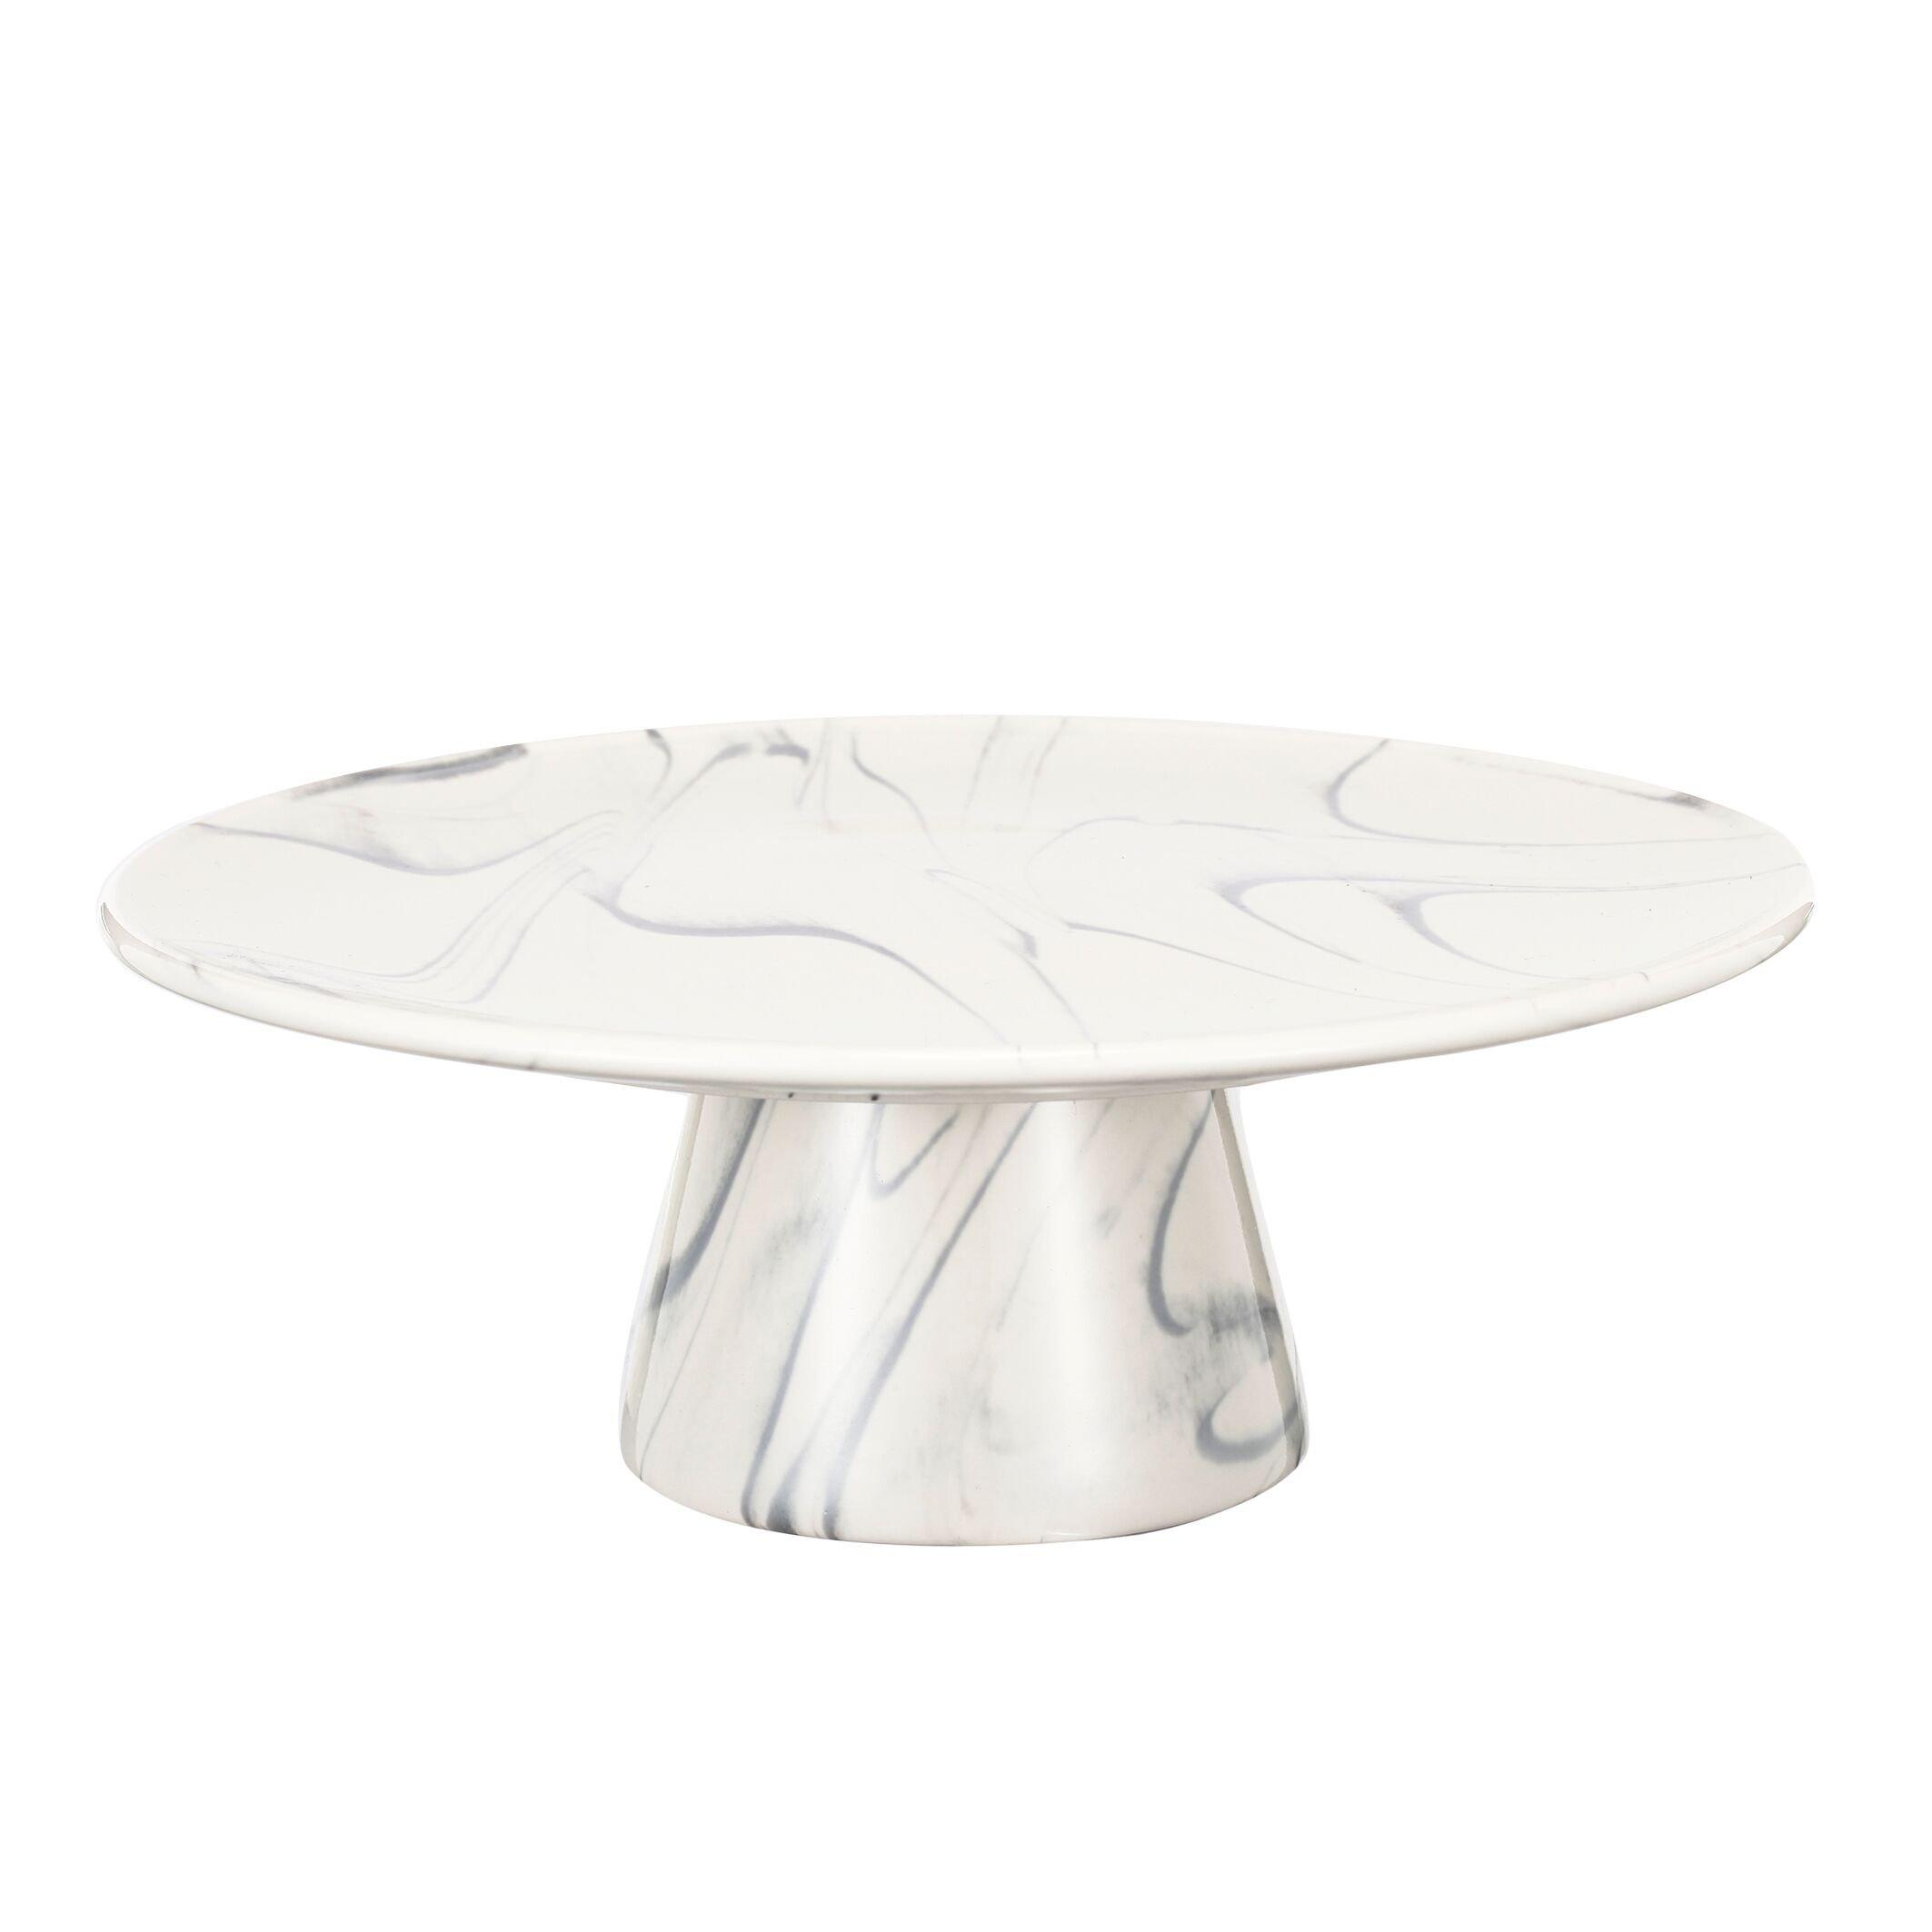 Urban Grey, White Stoneware 9'' Artist Fare Cake Display, dessert, Pie Plate Round by Home Love Affair (Image #1)